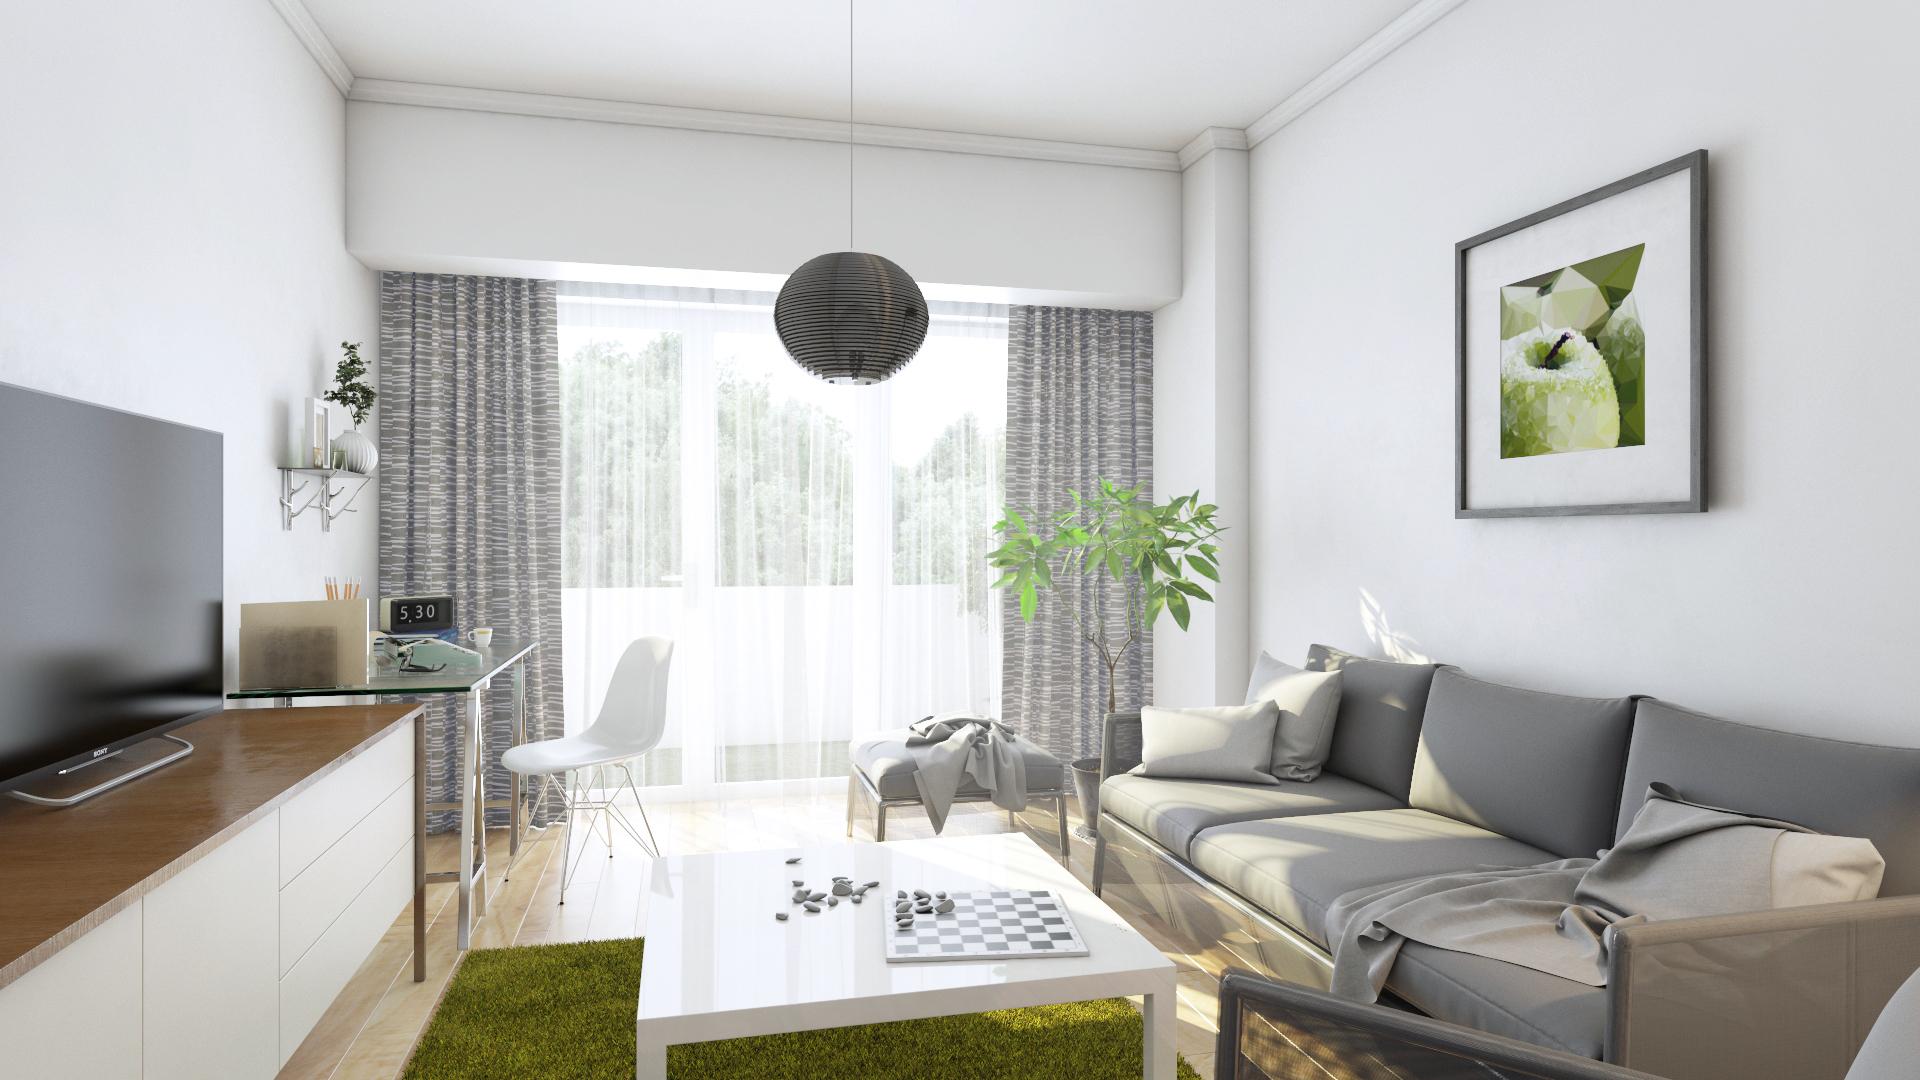 Sfaturi pentru vizionarea de apartamente cu 3 camere